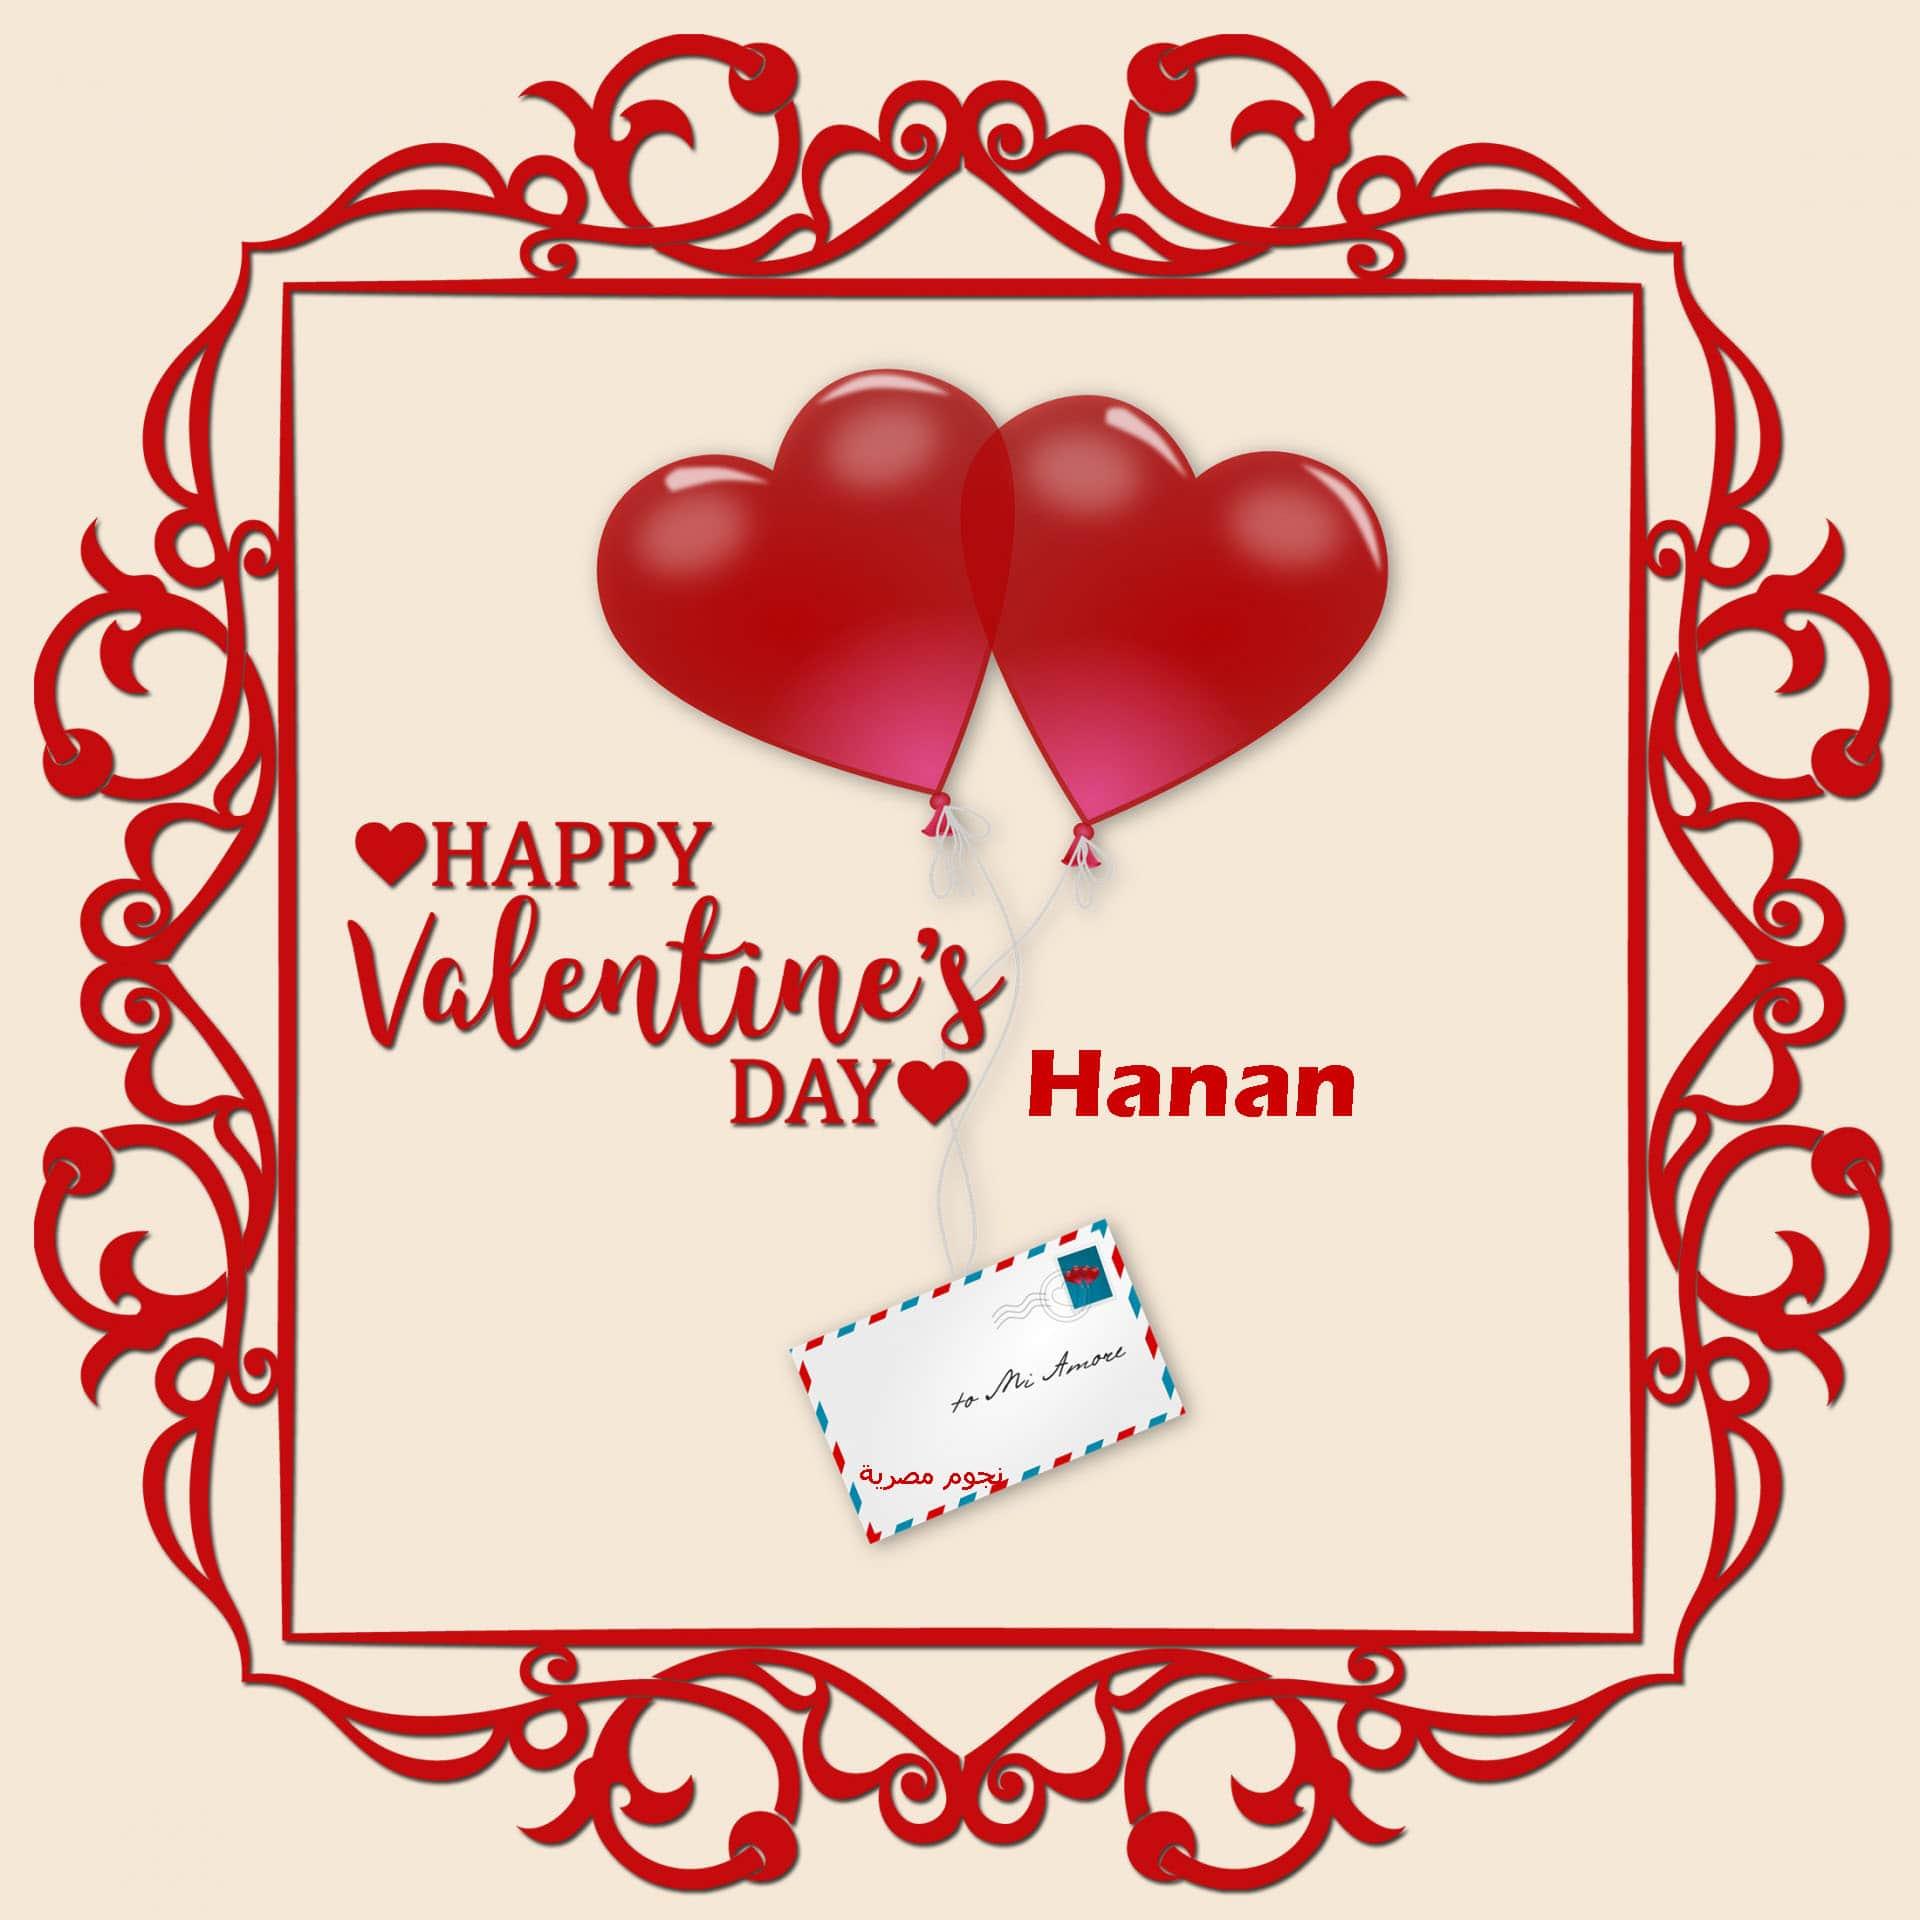 بالصور رسائل عن الحب , صور لعيد الحب 5203 9